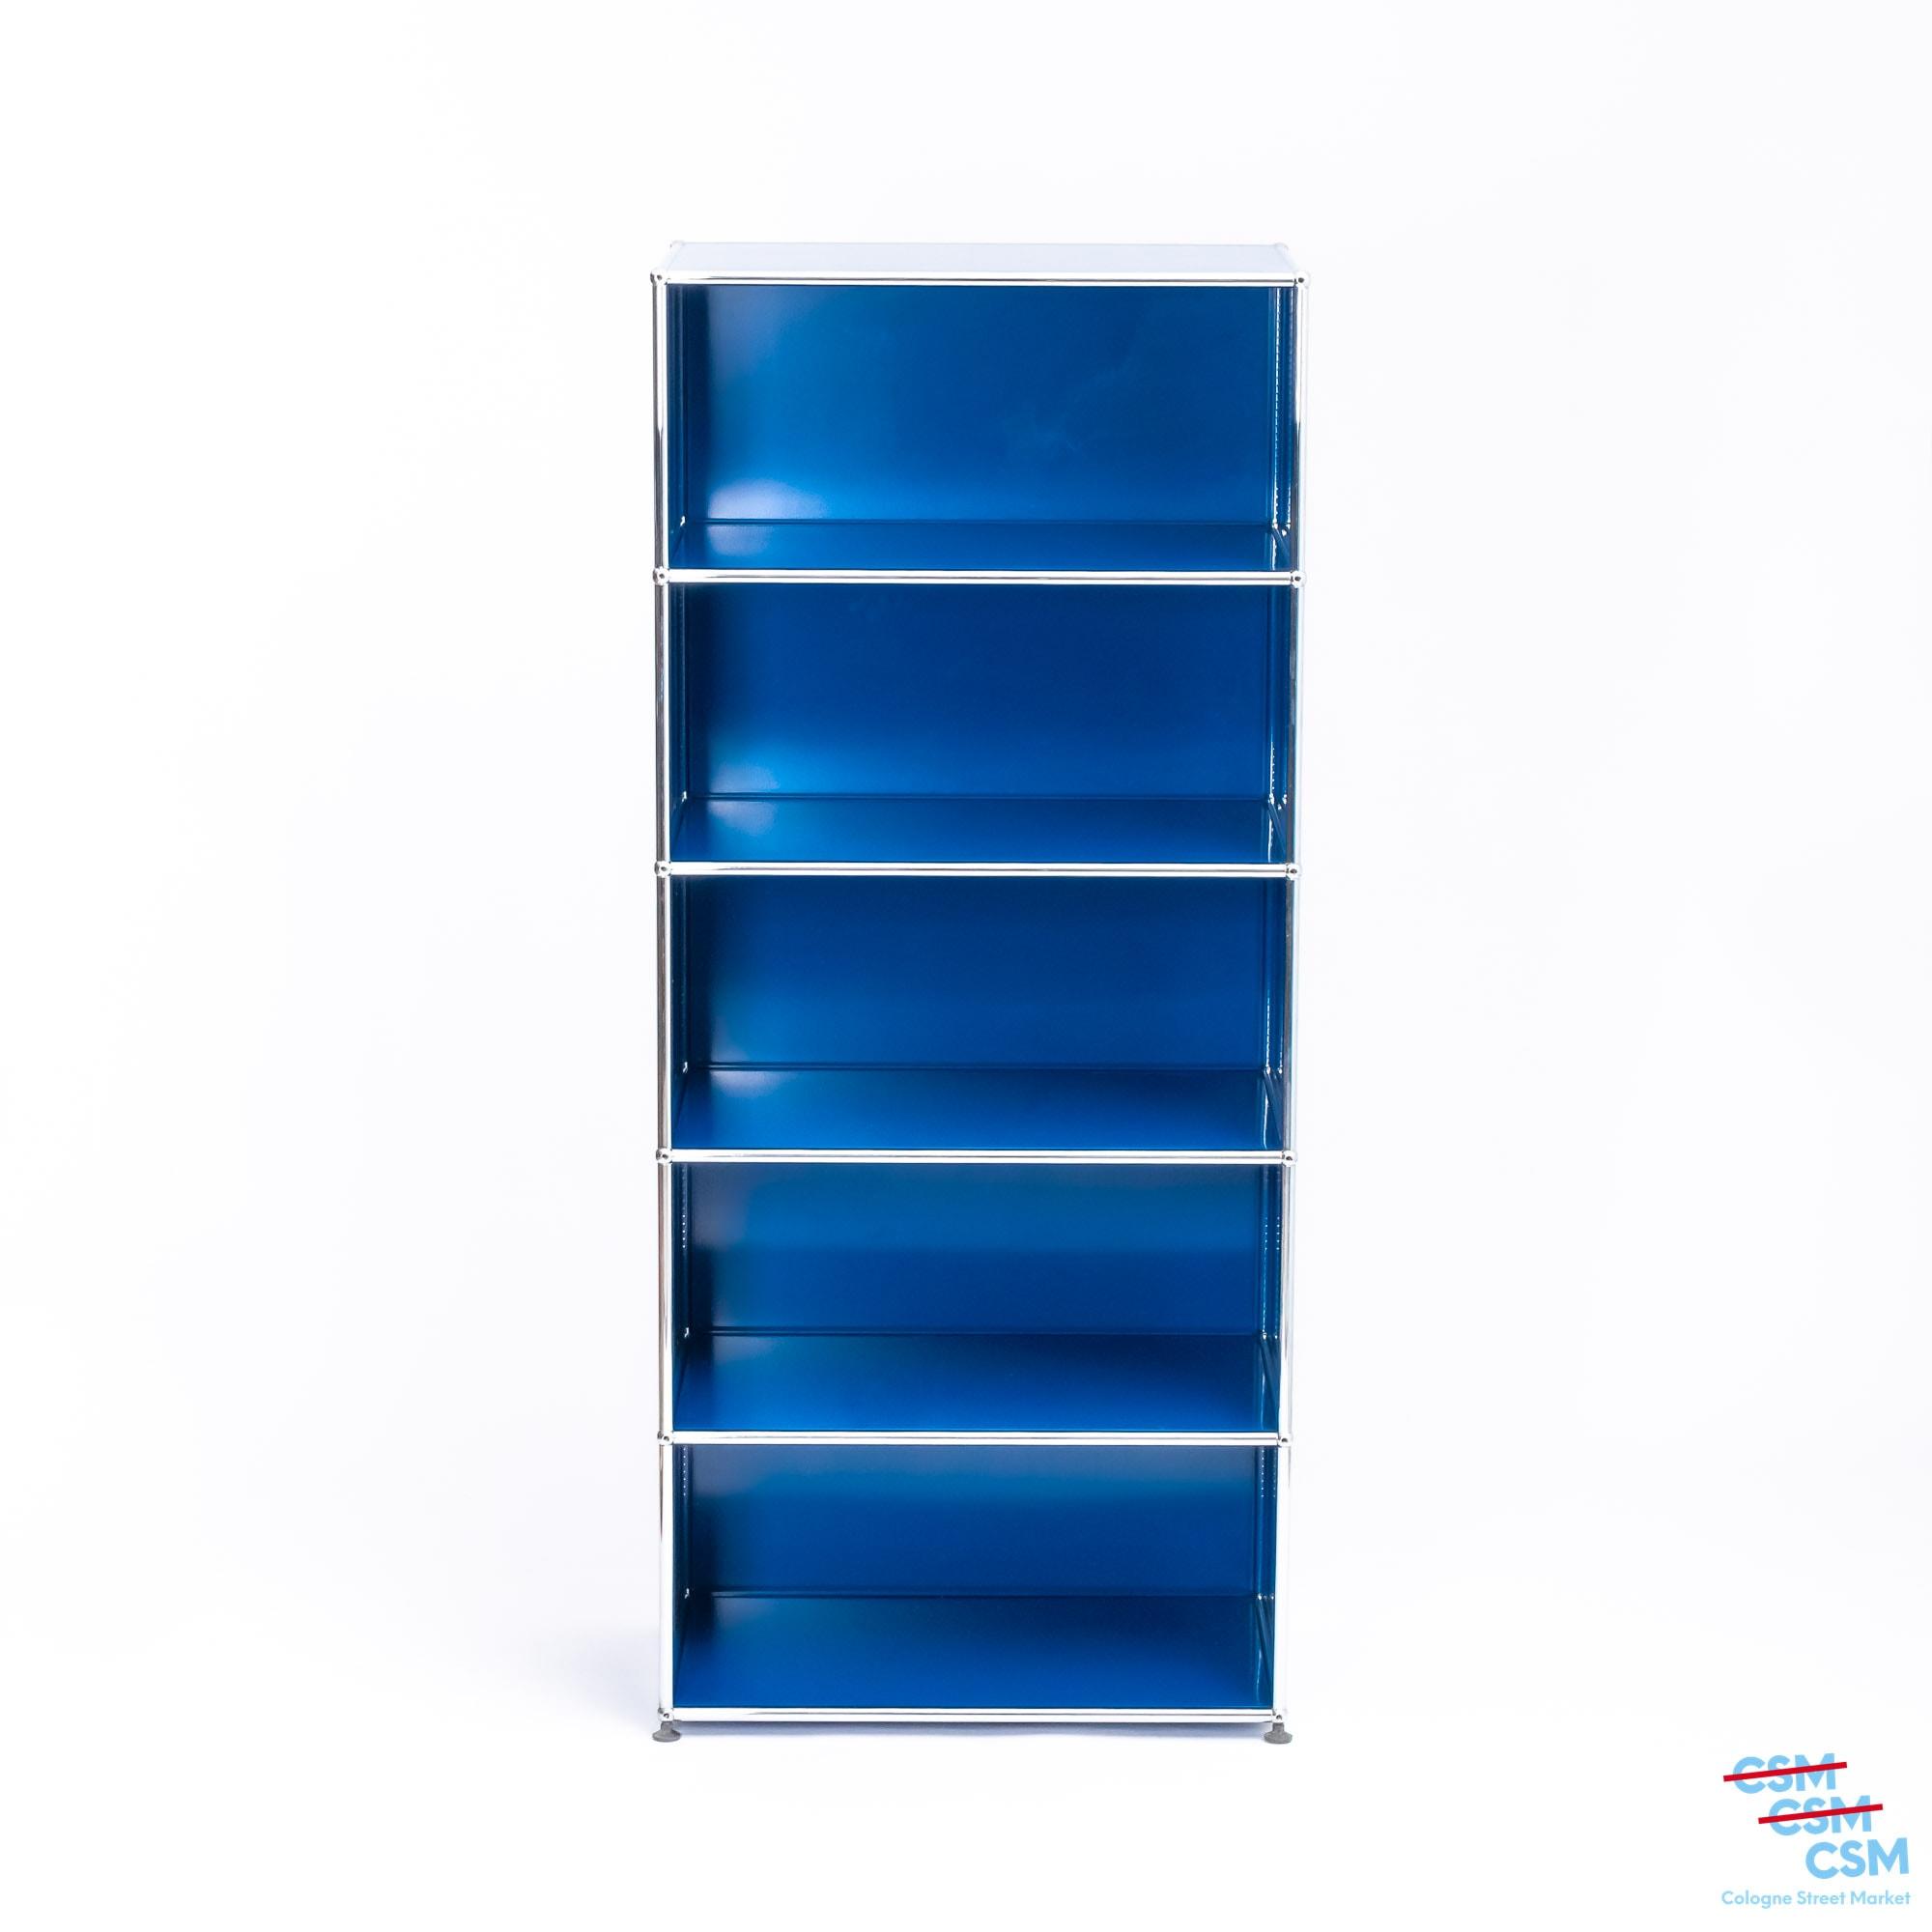 USM Haller Regal Enzianblau gebraucht 1 1